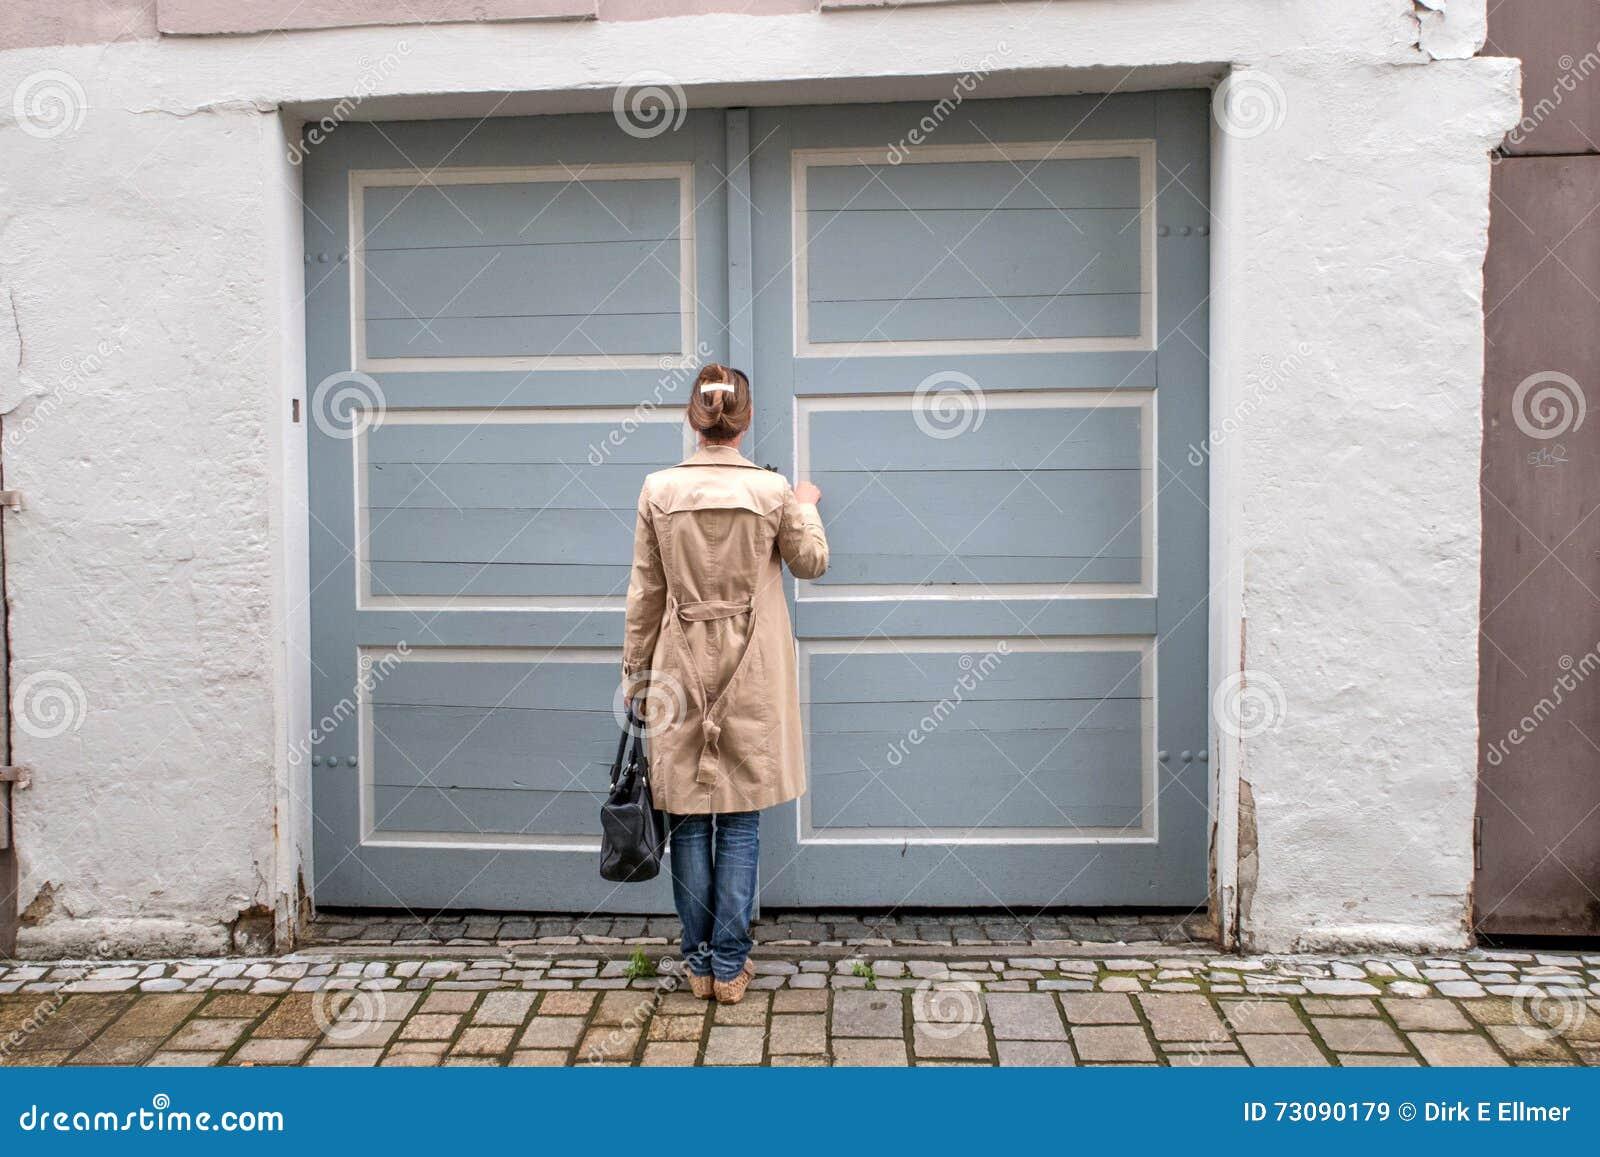 Geschlossene haustür  Die Geschlossene Haustür, Ließ Mich Herein Stockfoto - Bild: 73090179